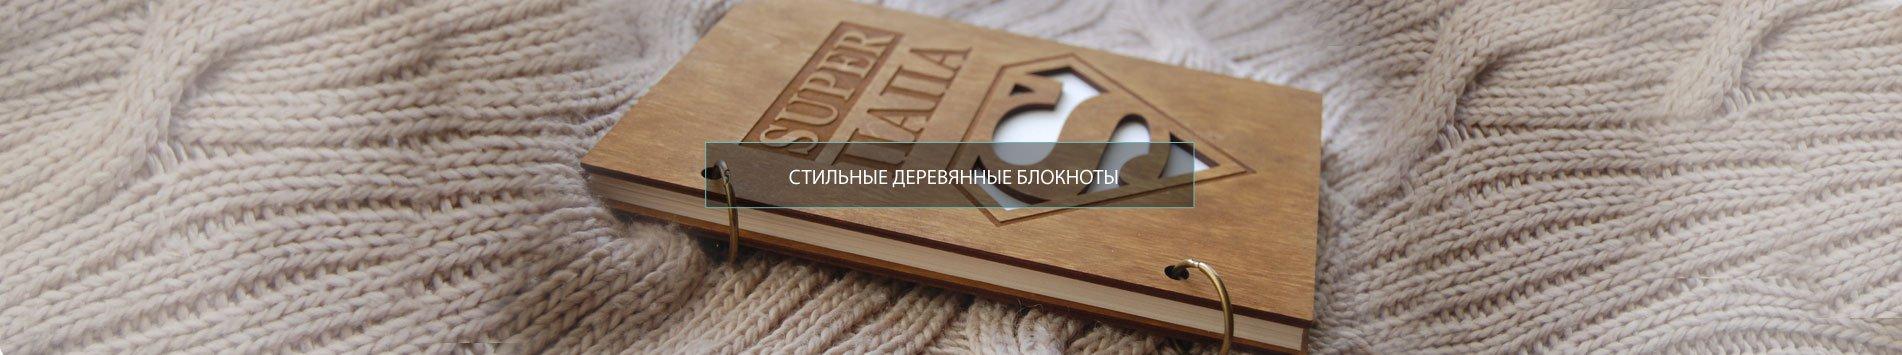 Стильные деревянные блокноты